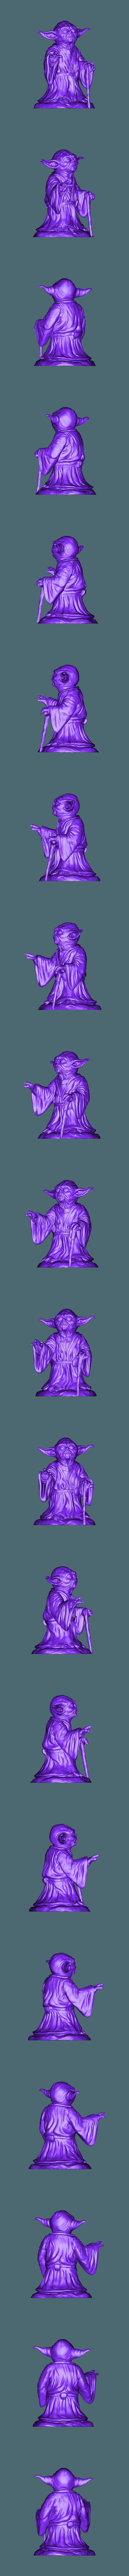 Yoda3D-Design.OBJ Télécharger fichier OBJ gratuit Yoda HD StarWars • Modèle pour impression 3D, 3d-designs